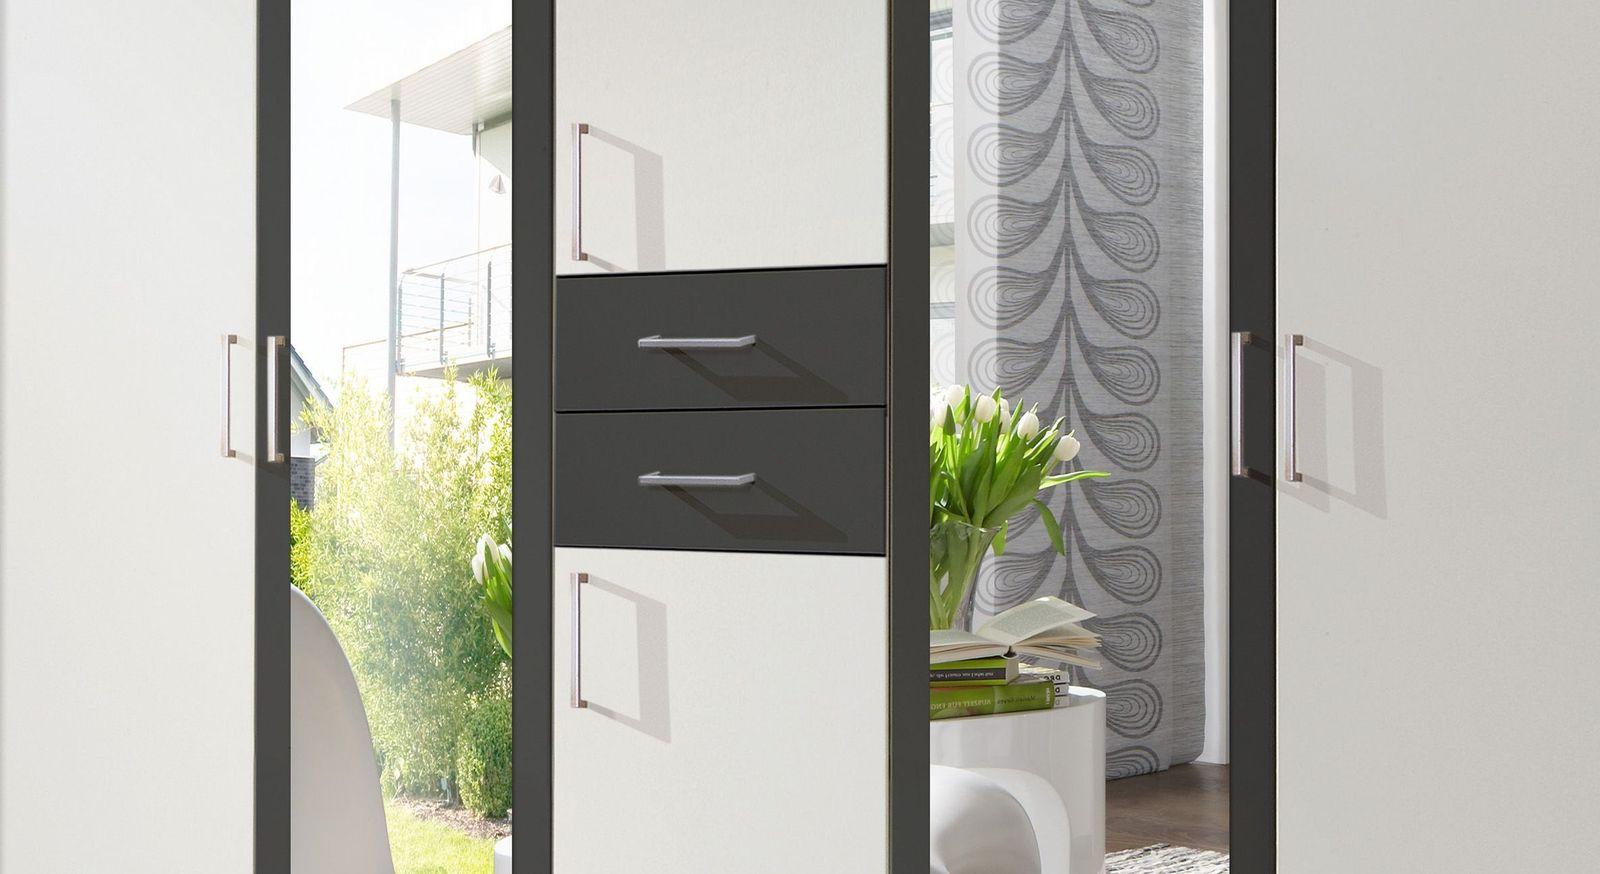 Funktions-Kleiderschrank Belcastro mit zwei Schubladen in Anthrazit